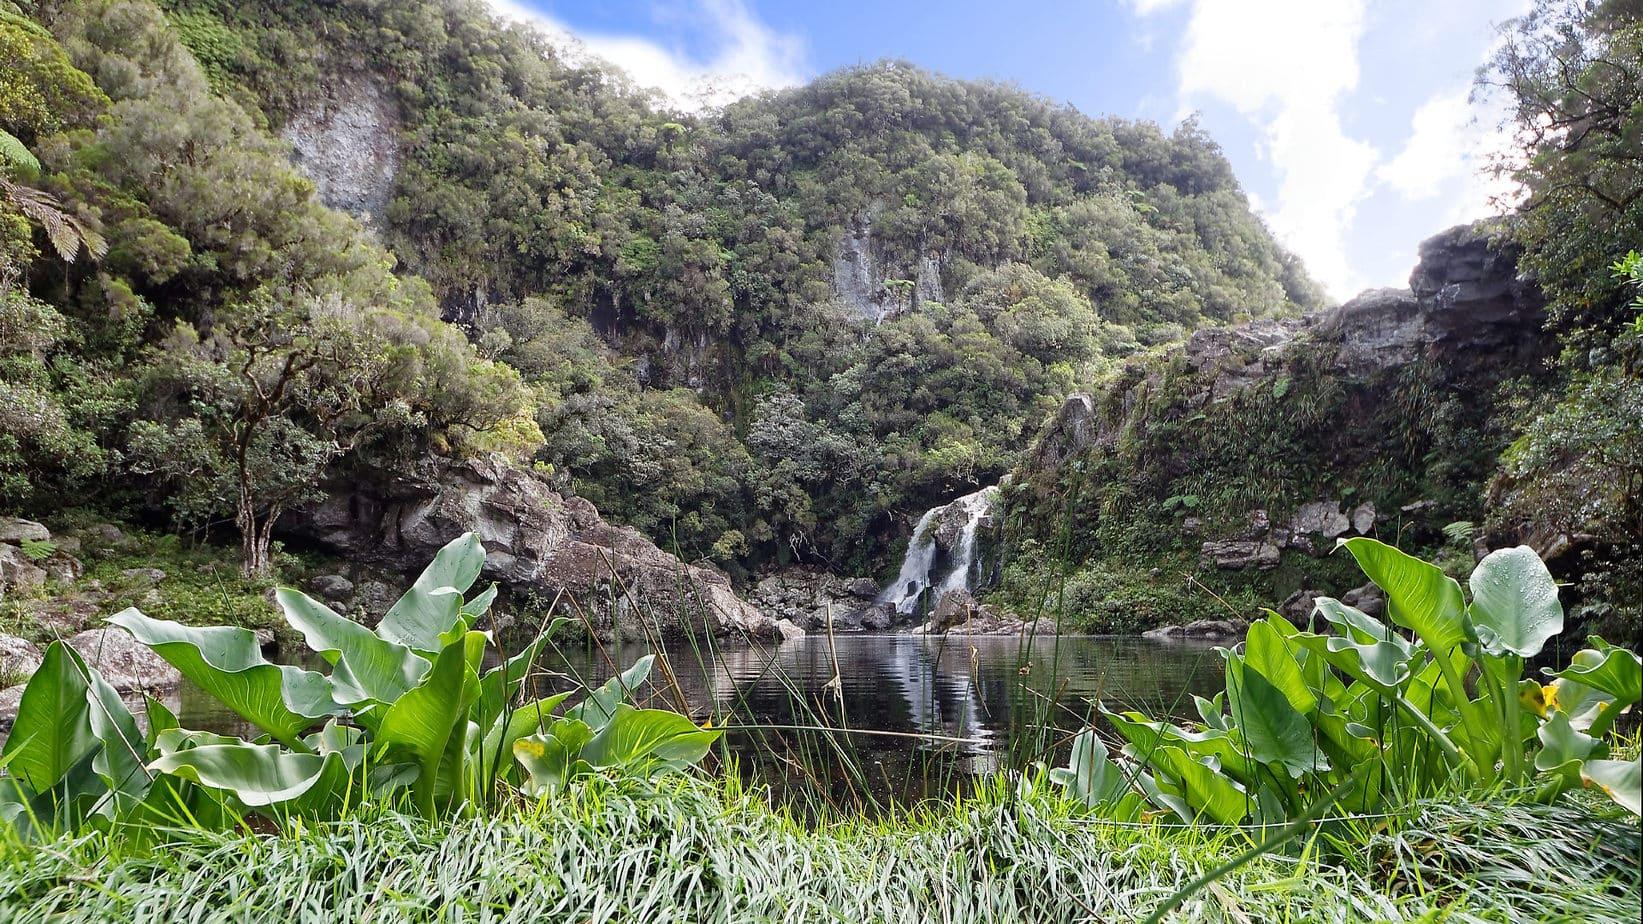 Réunion National Park